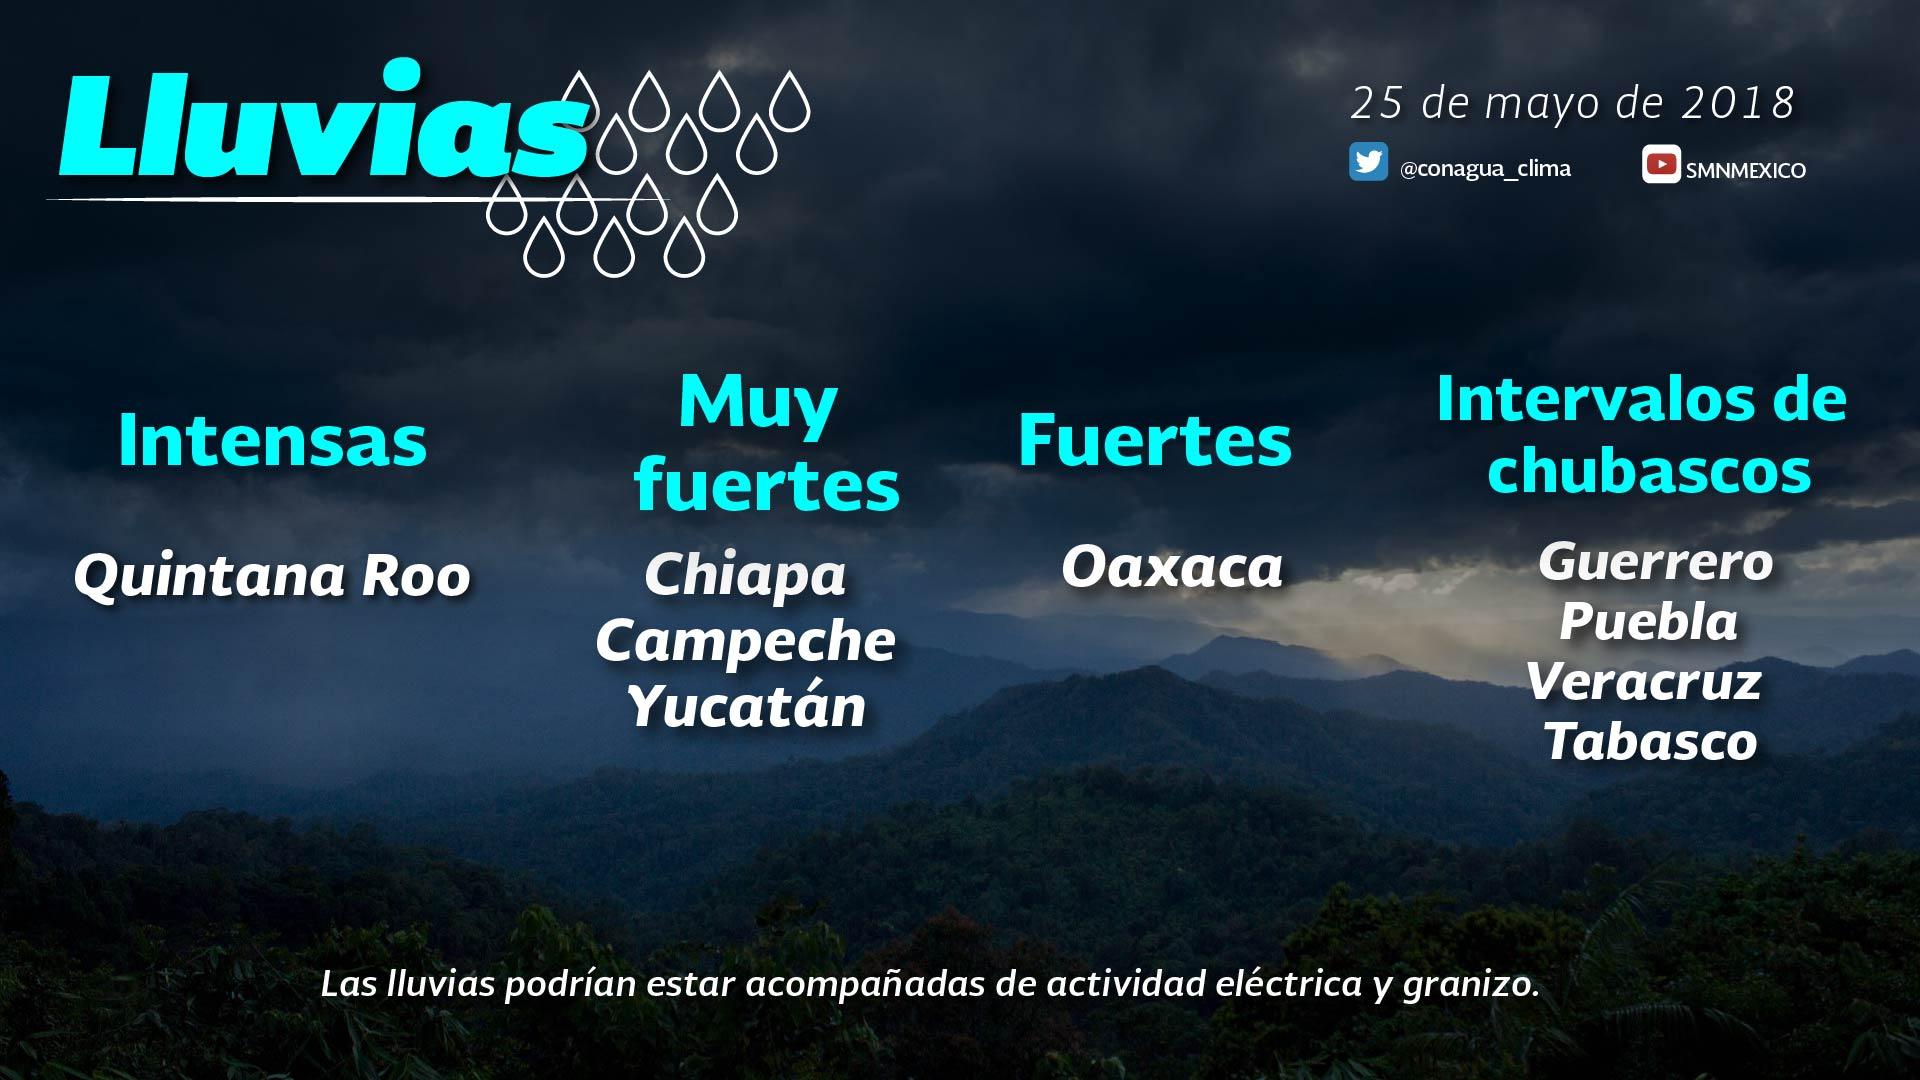 Prevalece el pronóstico de ambiente cálido para Tlaxcala